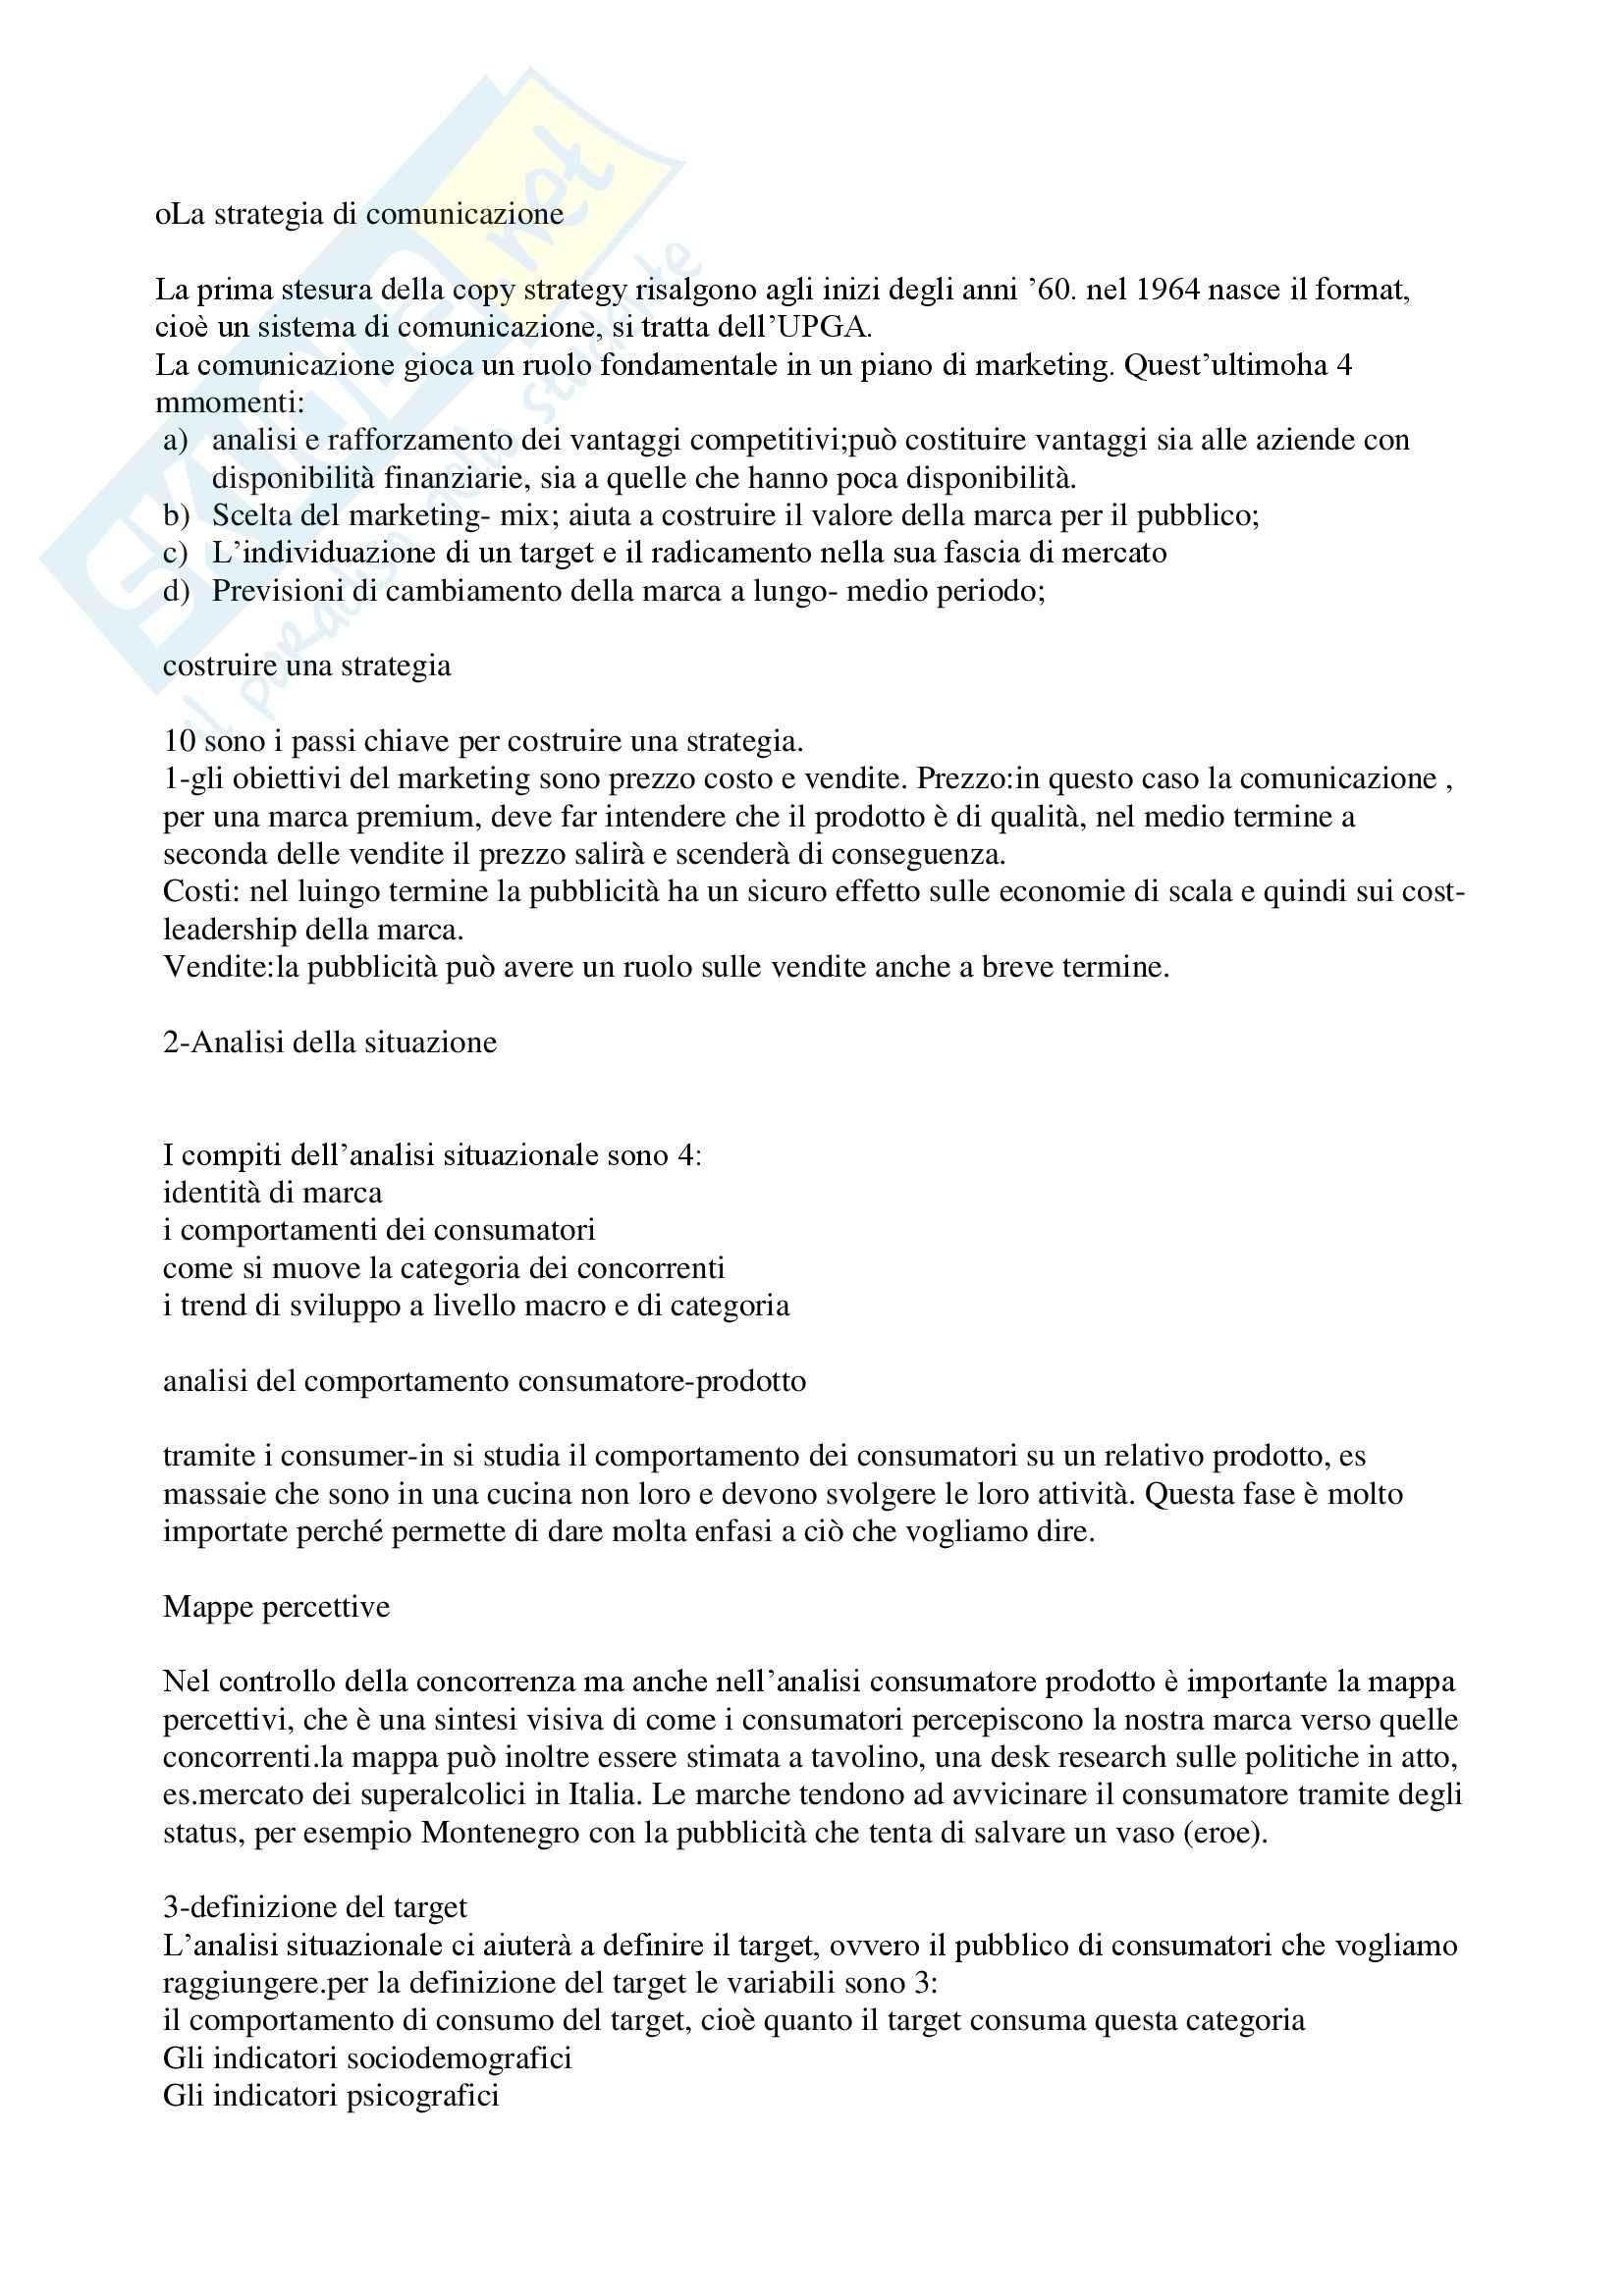 Tecnica della comunicazione pubblicitaria - la strategia di comunicazione